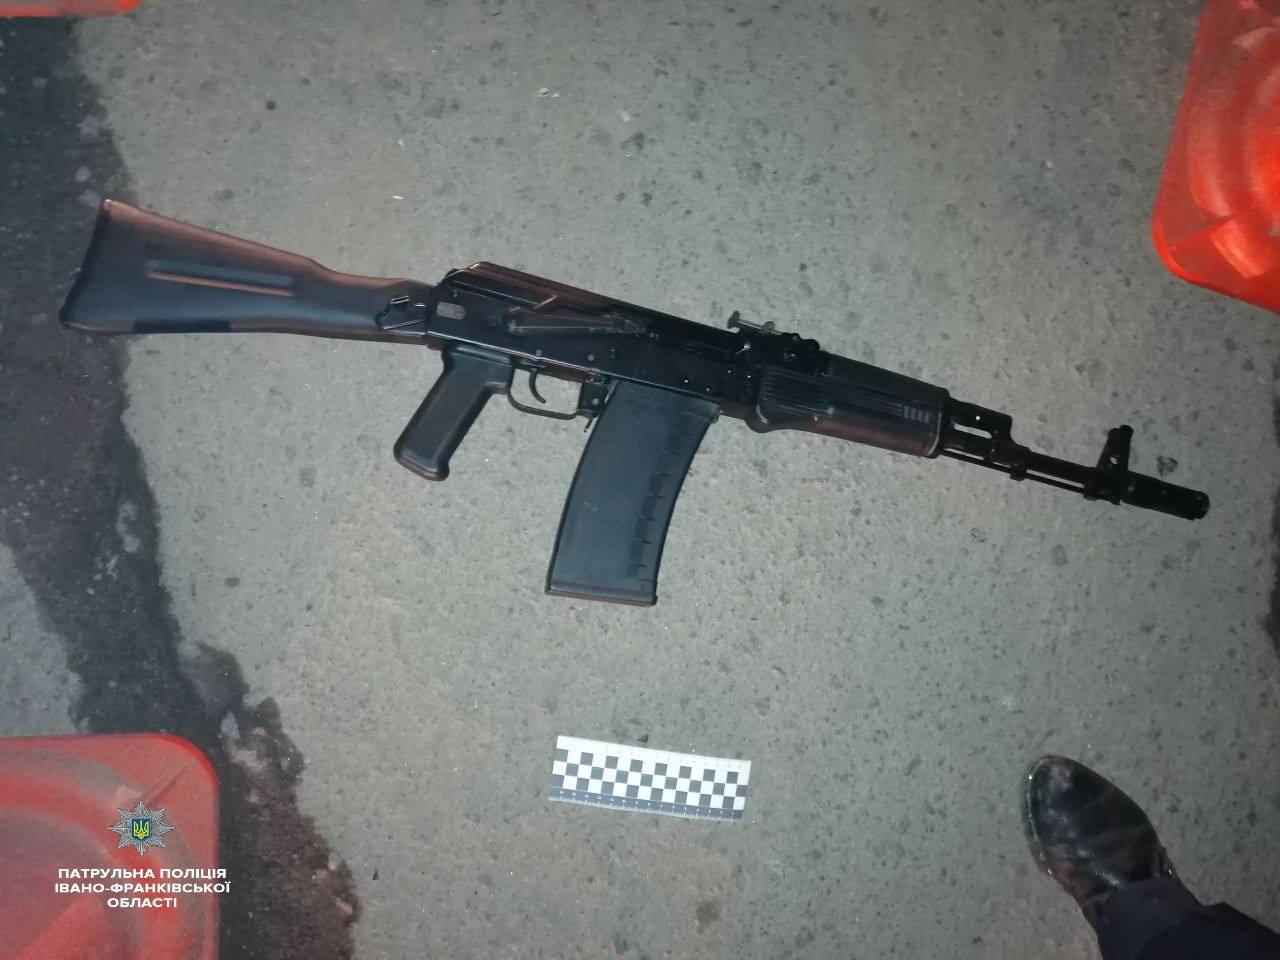 В ніч на четвер у Франківську п'яний чоловік з рушницею погрожував вчинити стрілянину (ФОТО)